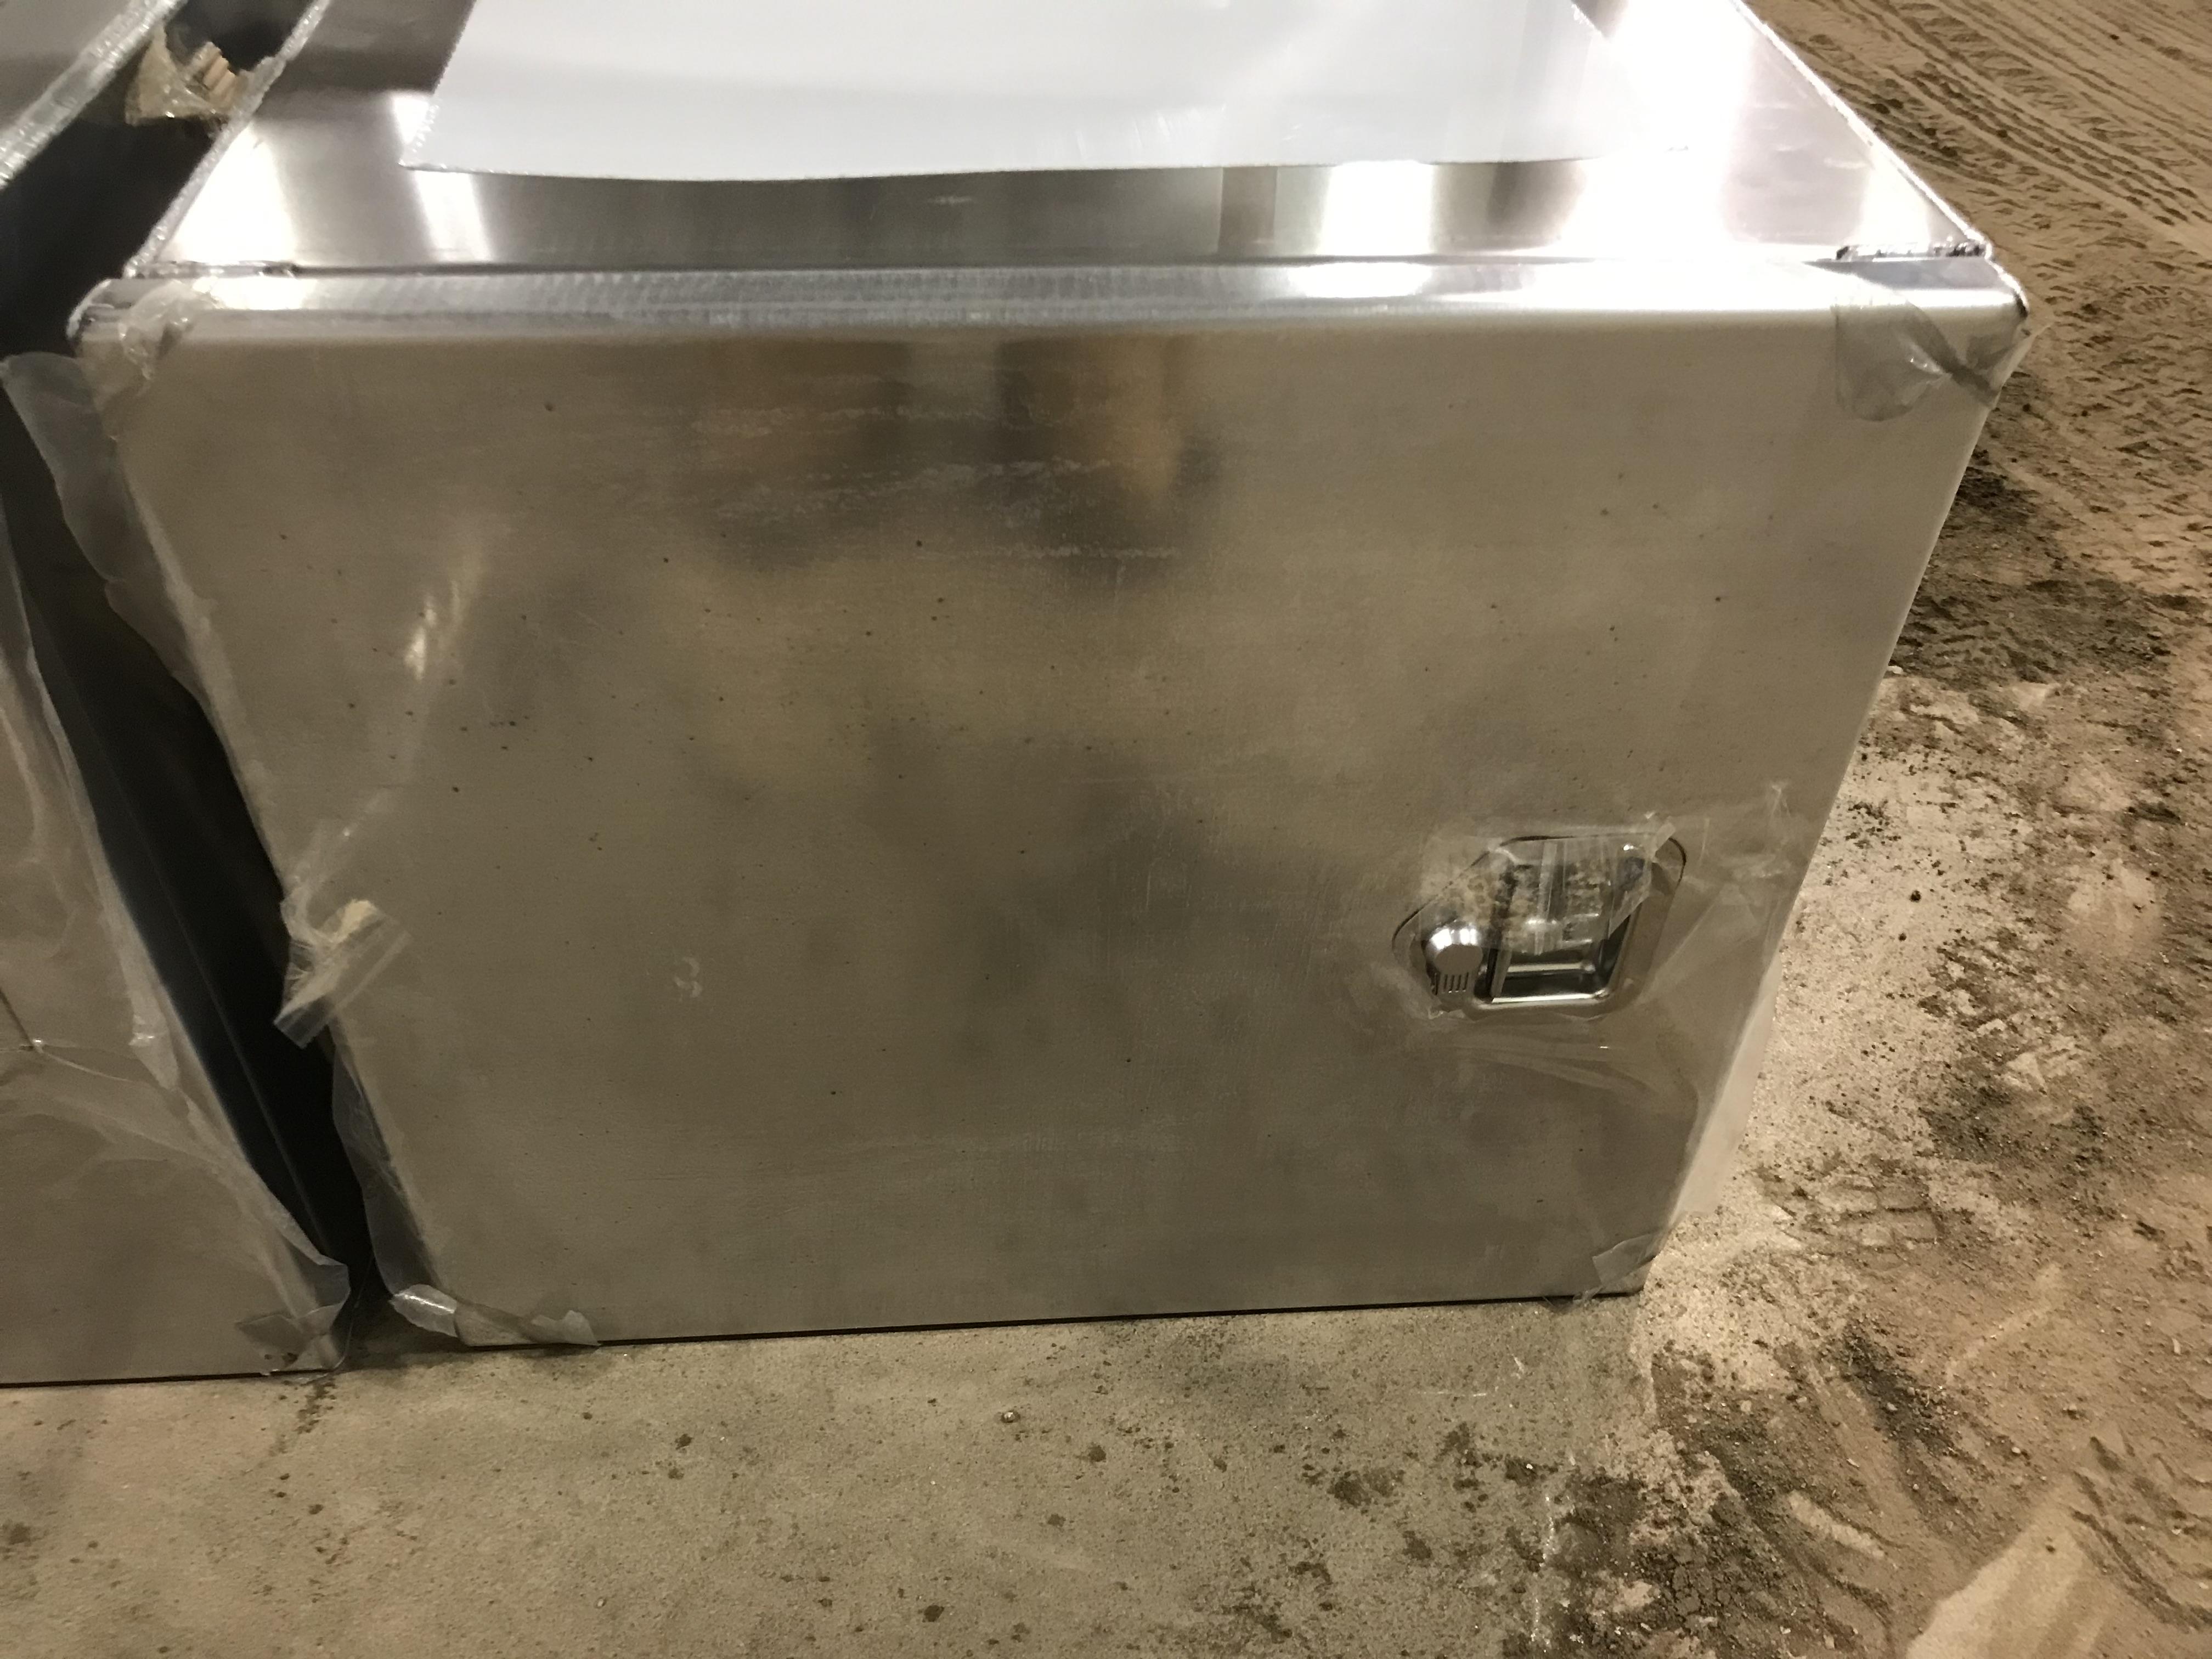 Lot 1 - Aluiminum Semi/Truck Tool Box (new)